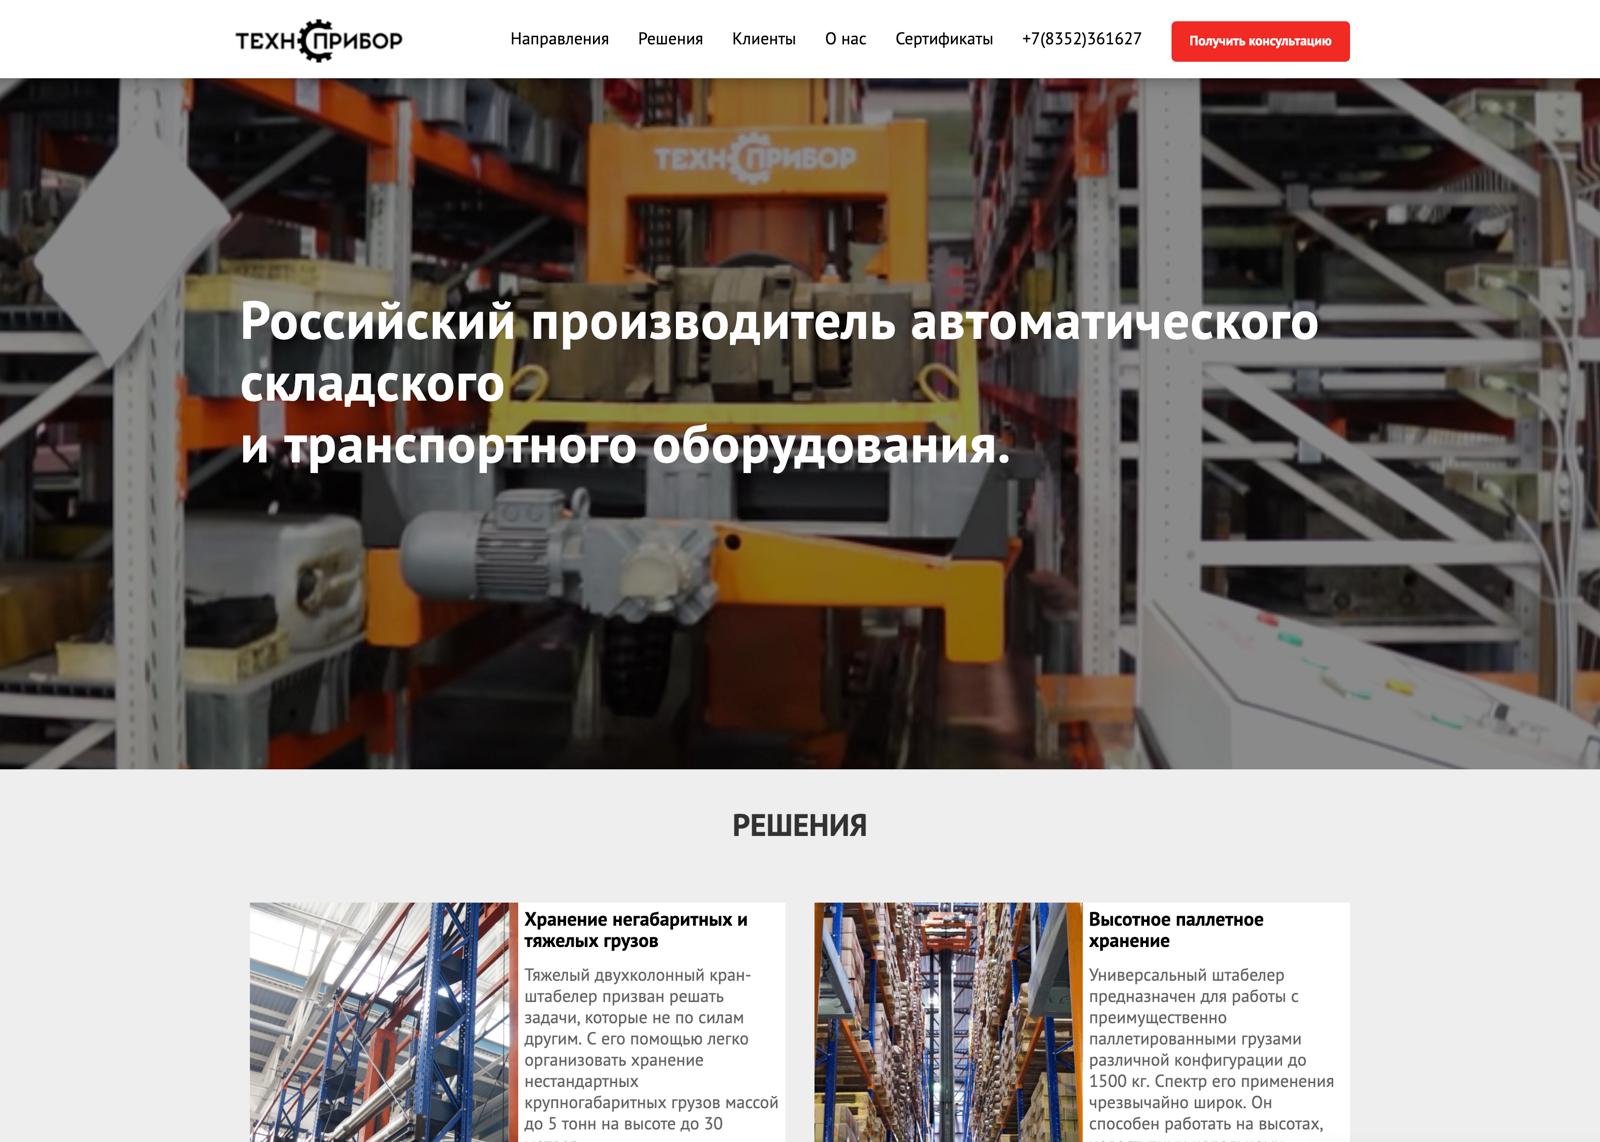 Оборудование для ритейла завода техноприбор. Сайт с фоновым видео